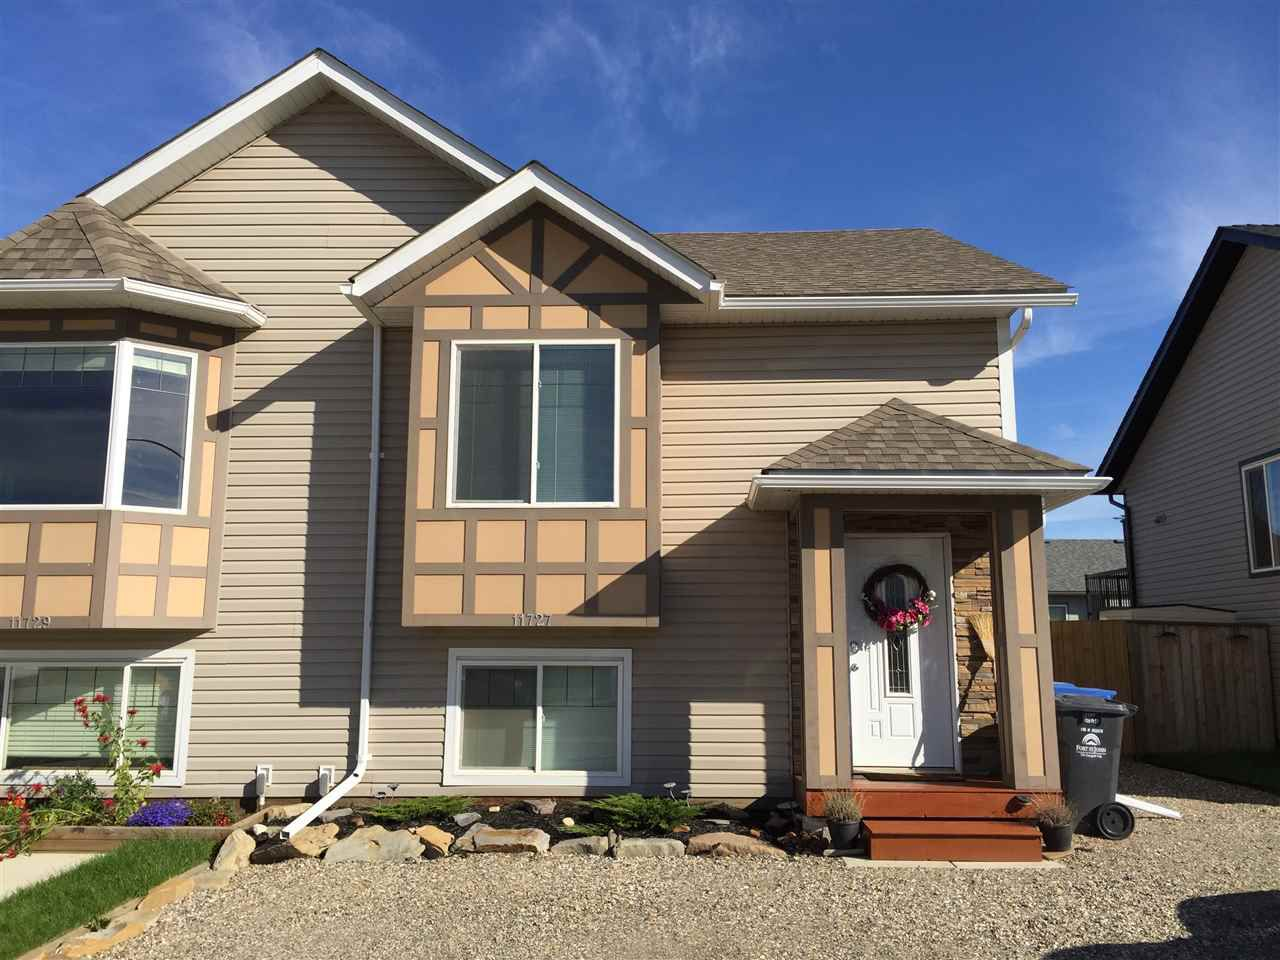 Main Photo: 11727 98A Street in Fort St. John: Fort St. John - City NE House 1/2 Duplex for sale (Fort St. John (Zone 60))  : MLS®# R2110876